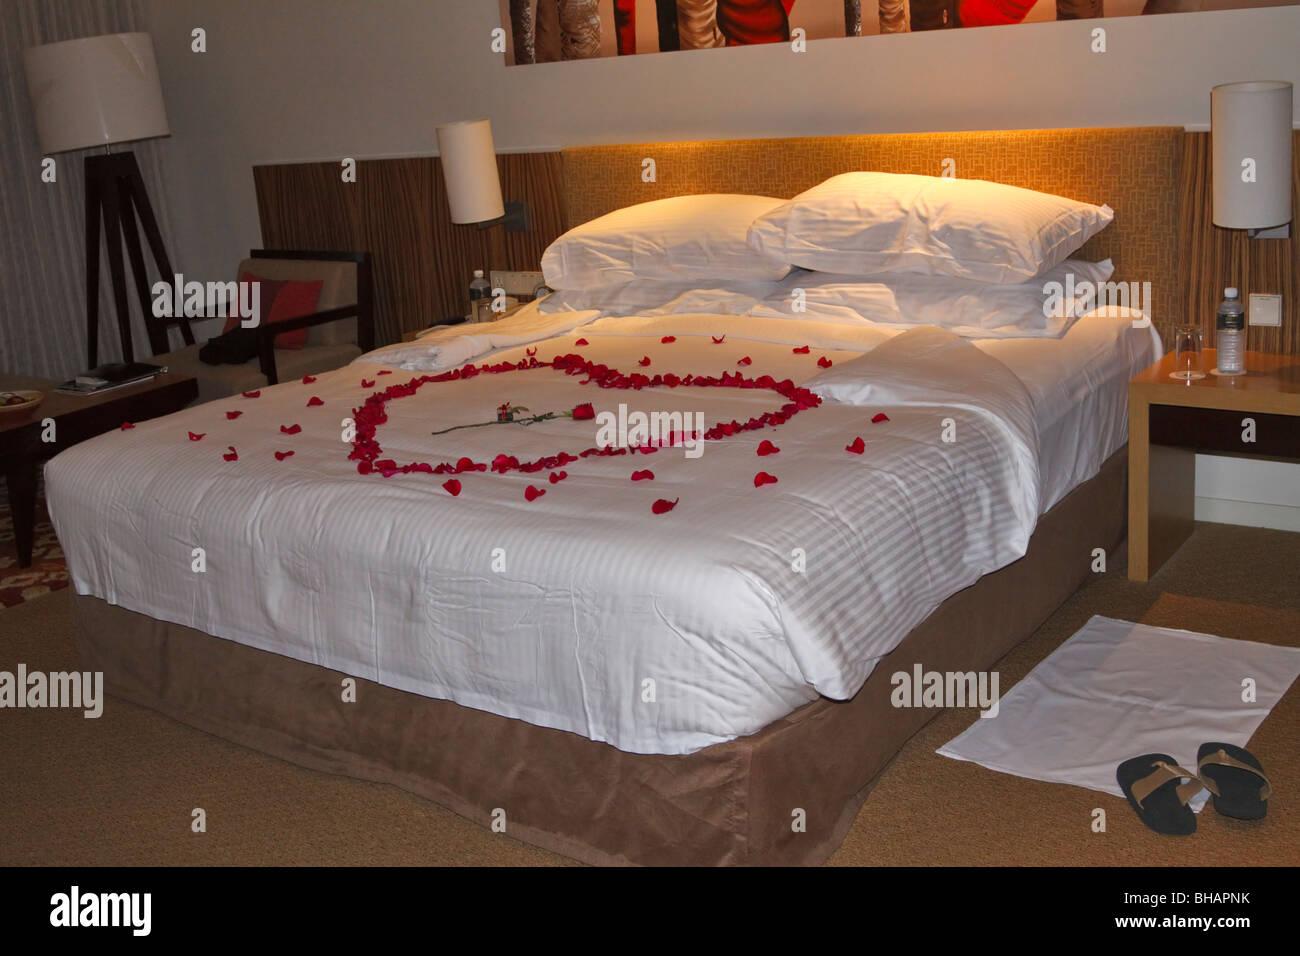 Das Bett Gemacht Bis Zur Hochzeitsnacht Mit Rosenblattern Stockfoto